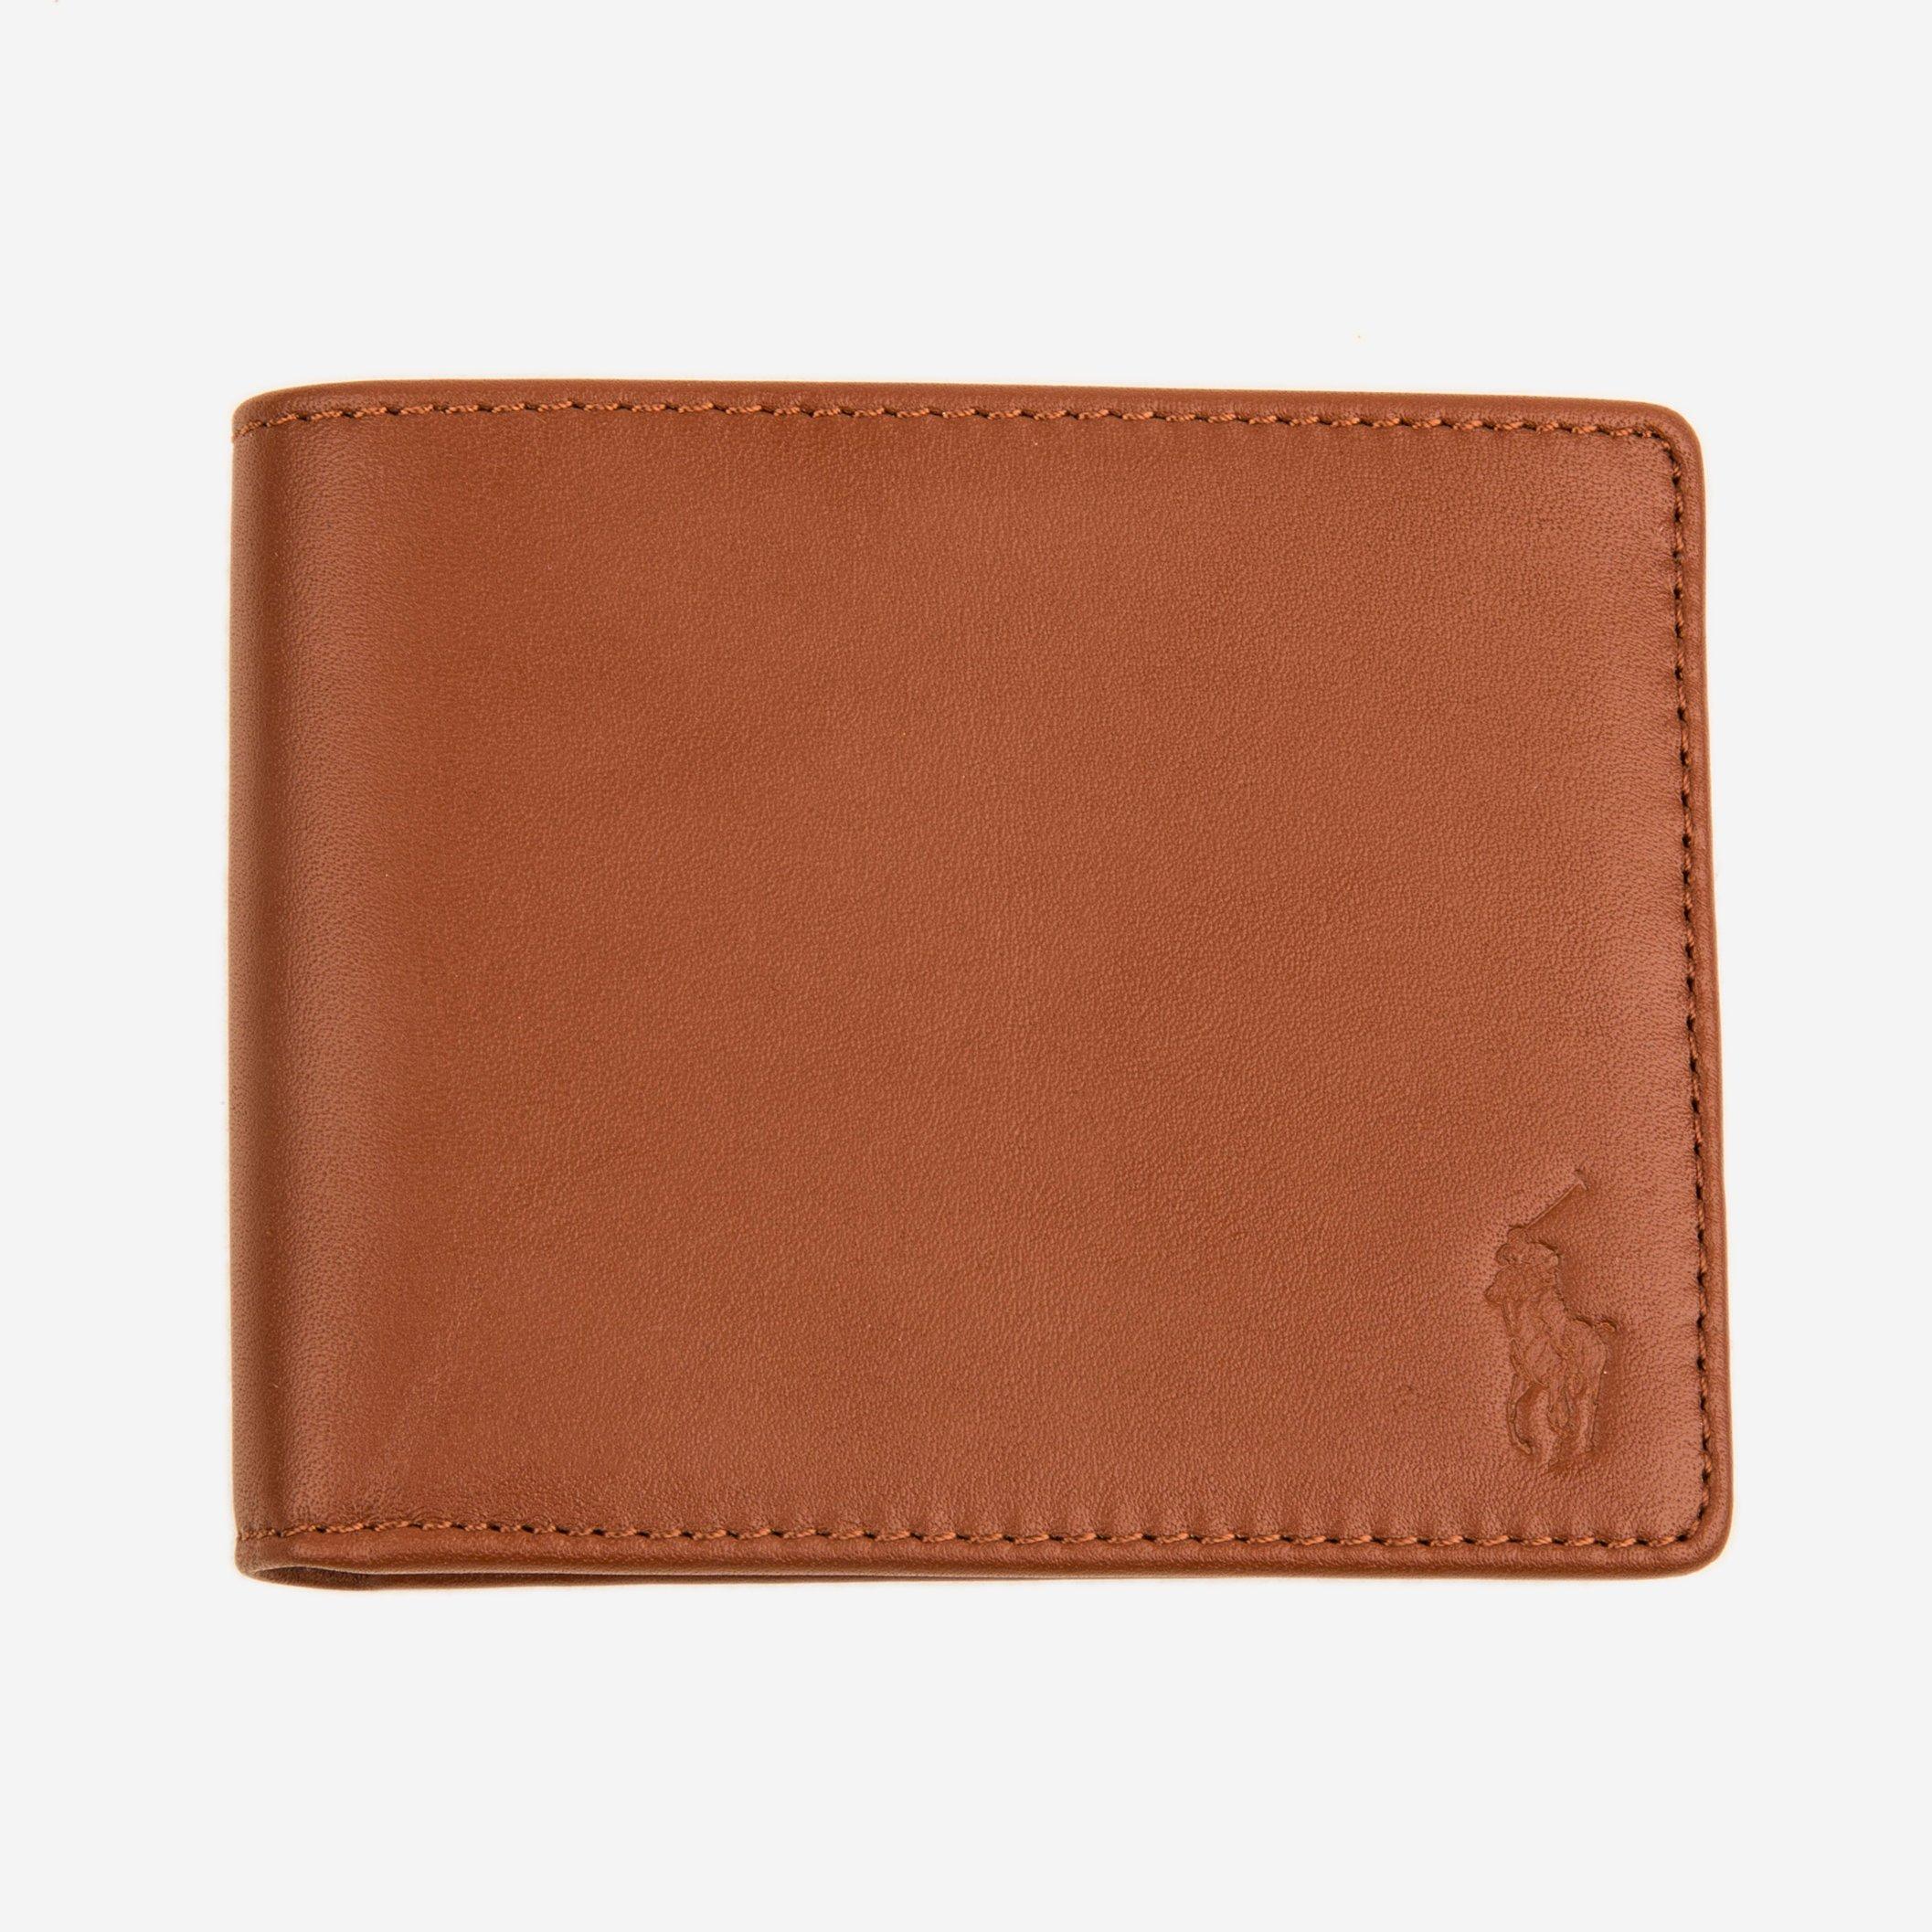 Polo Ralph Lauren Billfold Coin Wallet